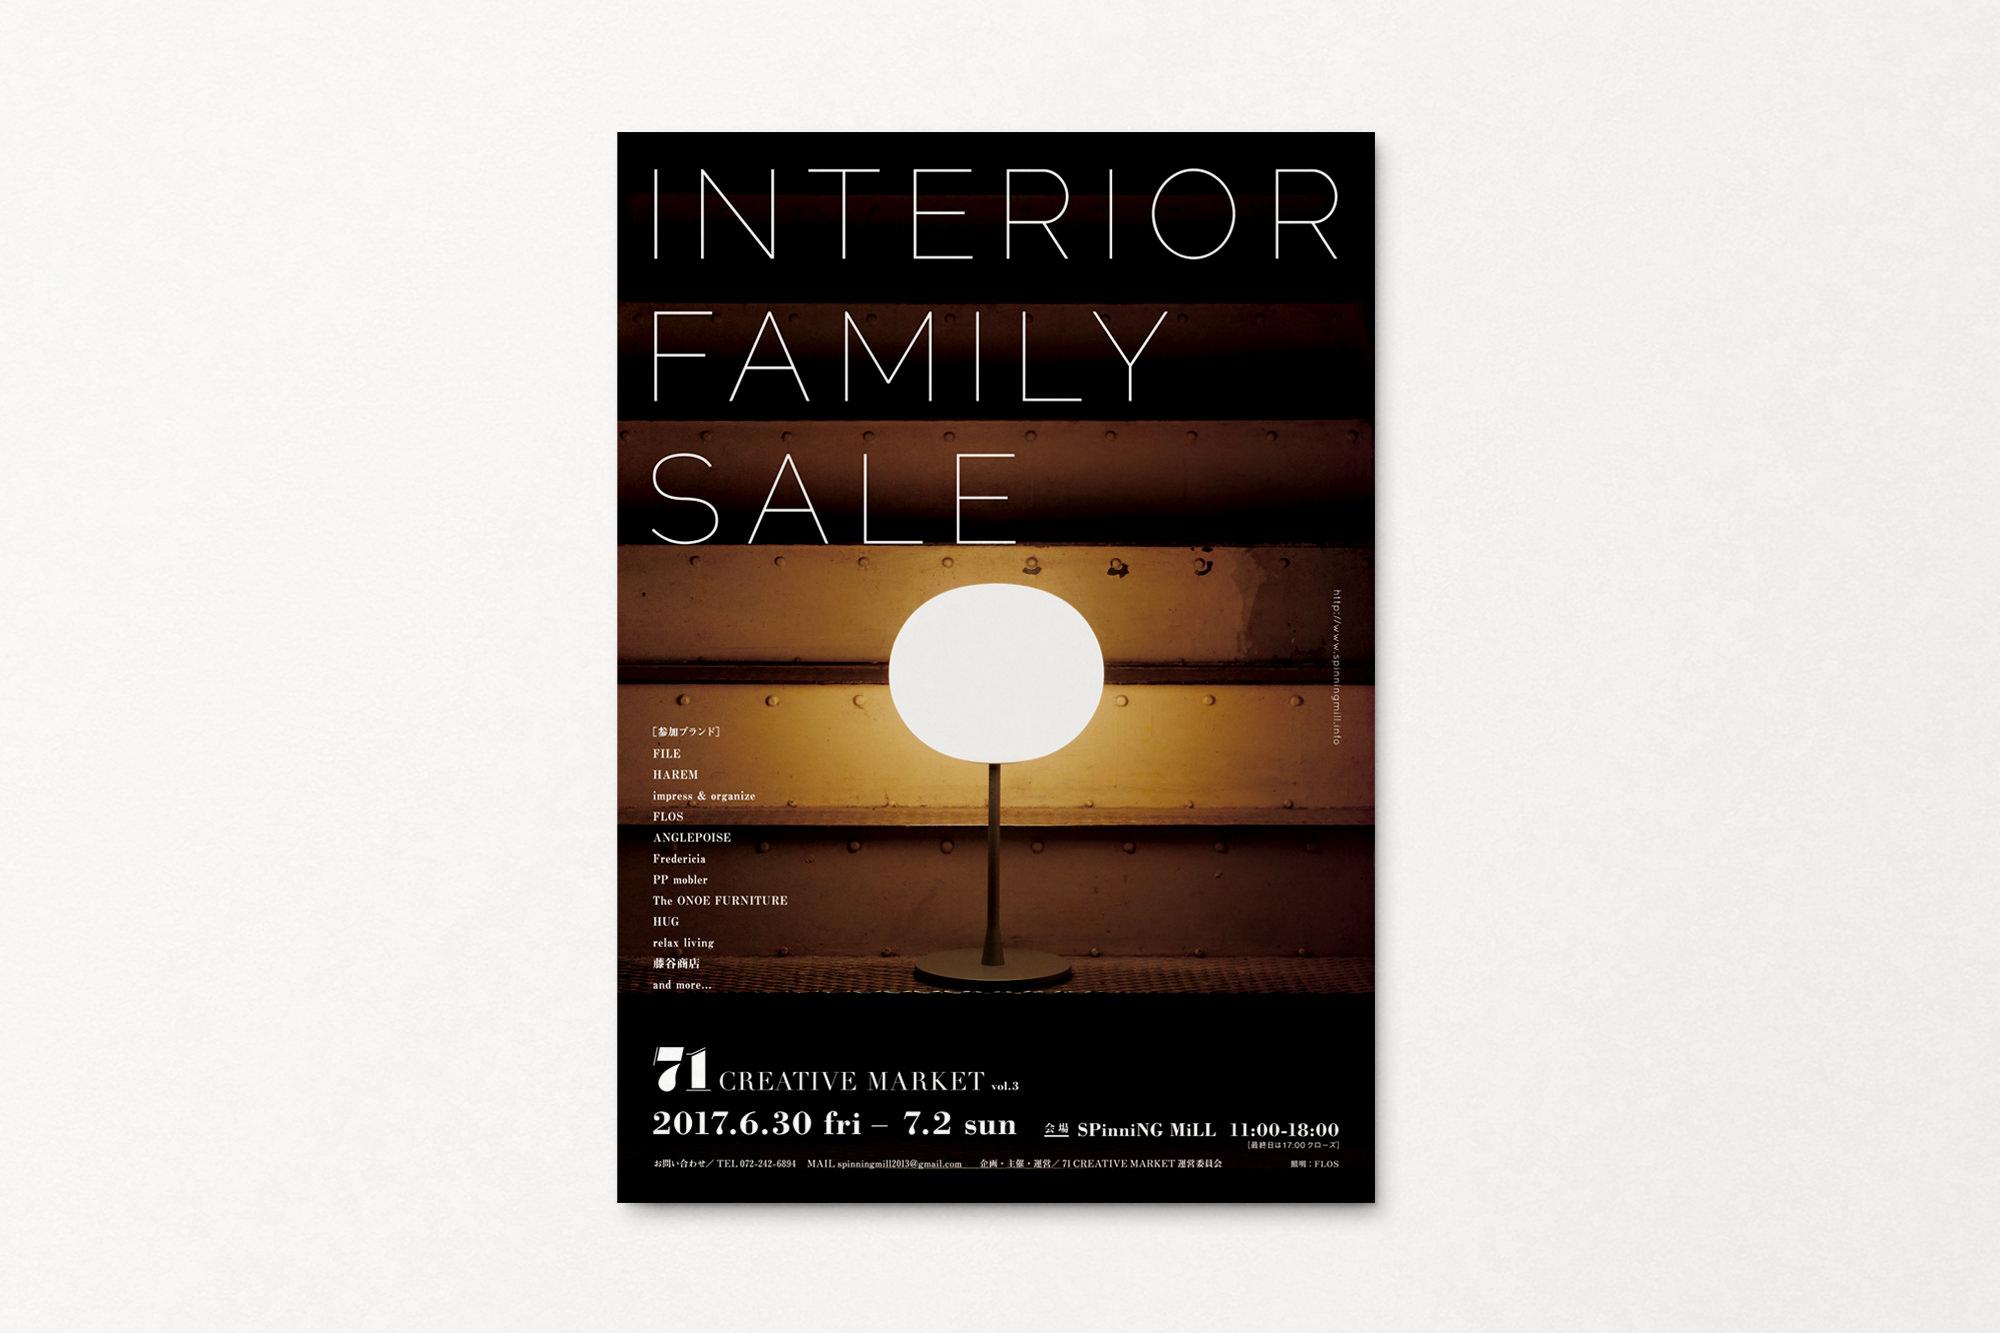 71 Creative Market vol.03  INTERIOR FAMILY SALE